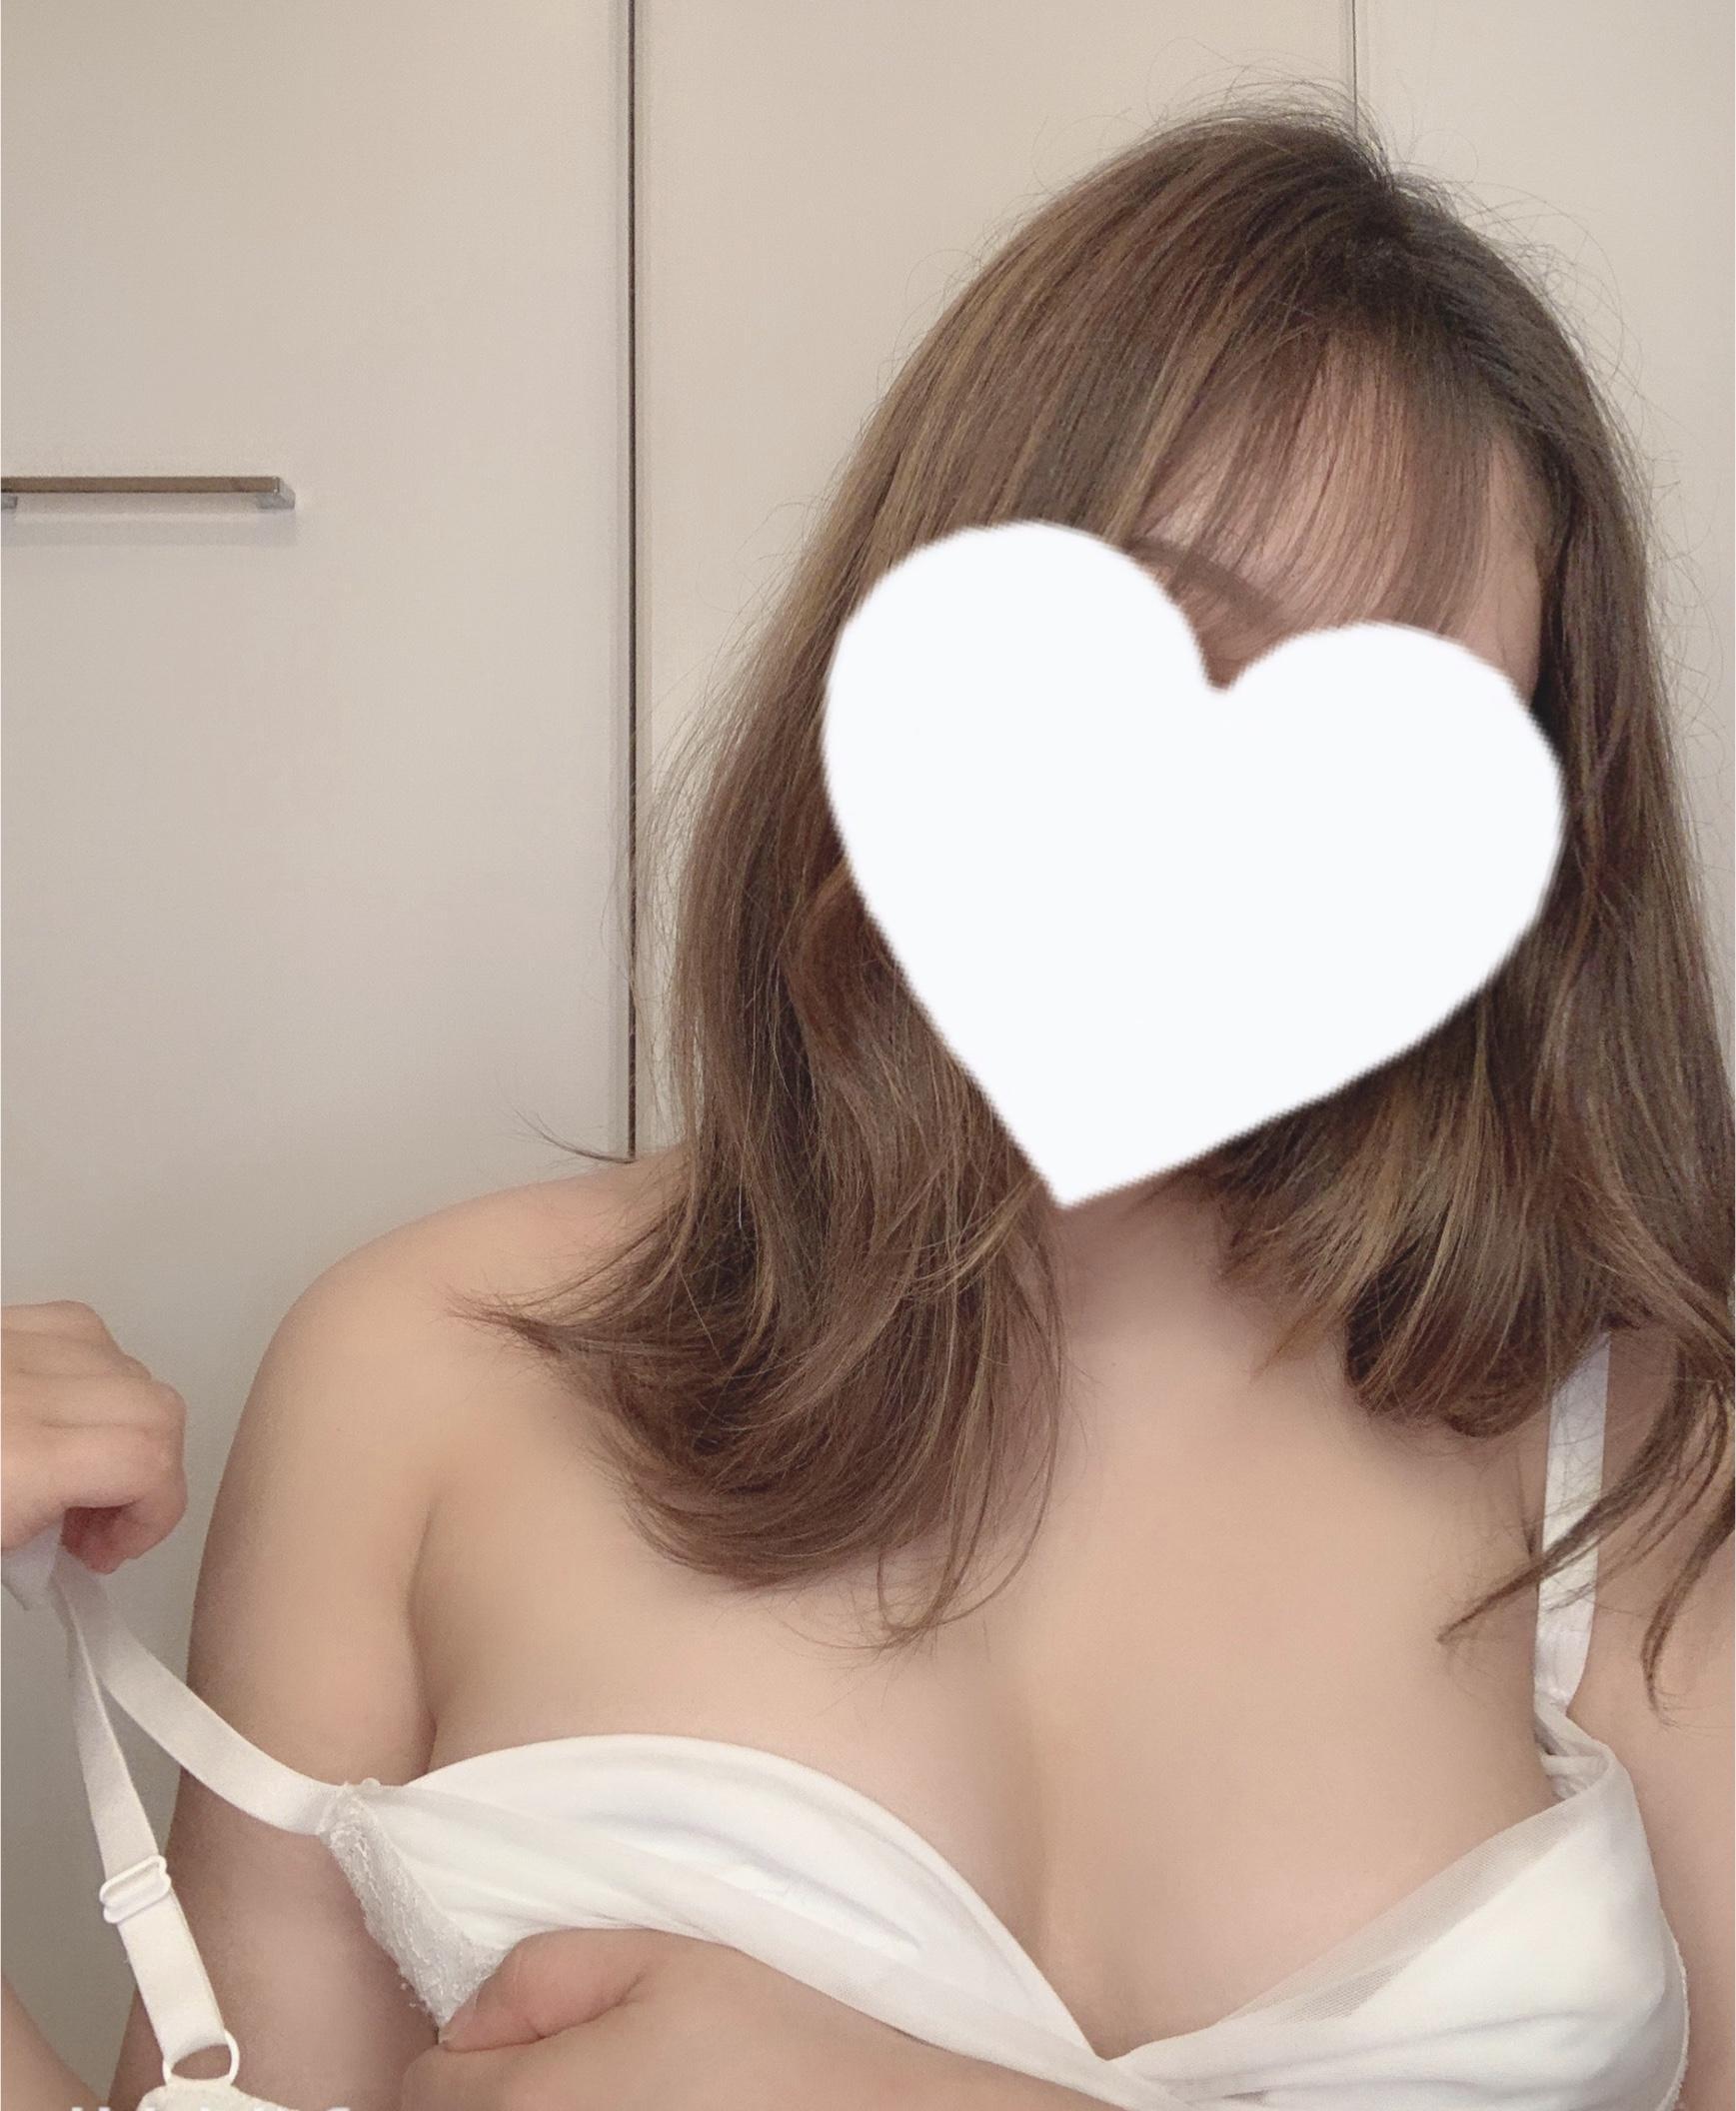 「昨日のお礼❤️」06/28(金) 22:43   志乃の写メ・風俗動画